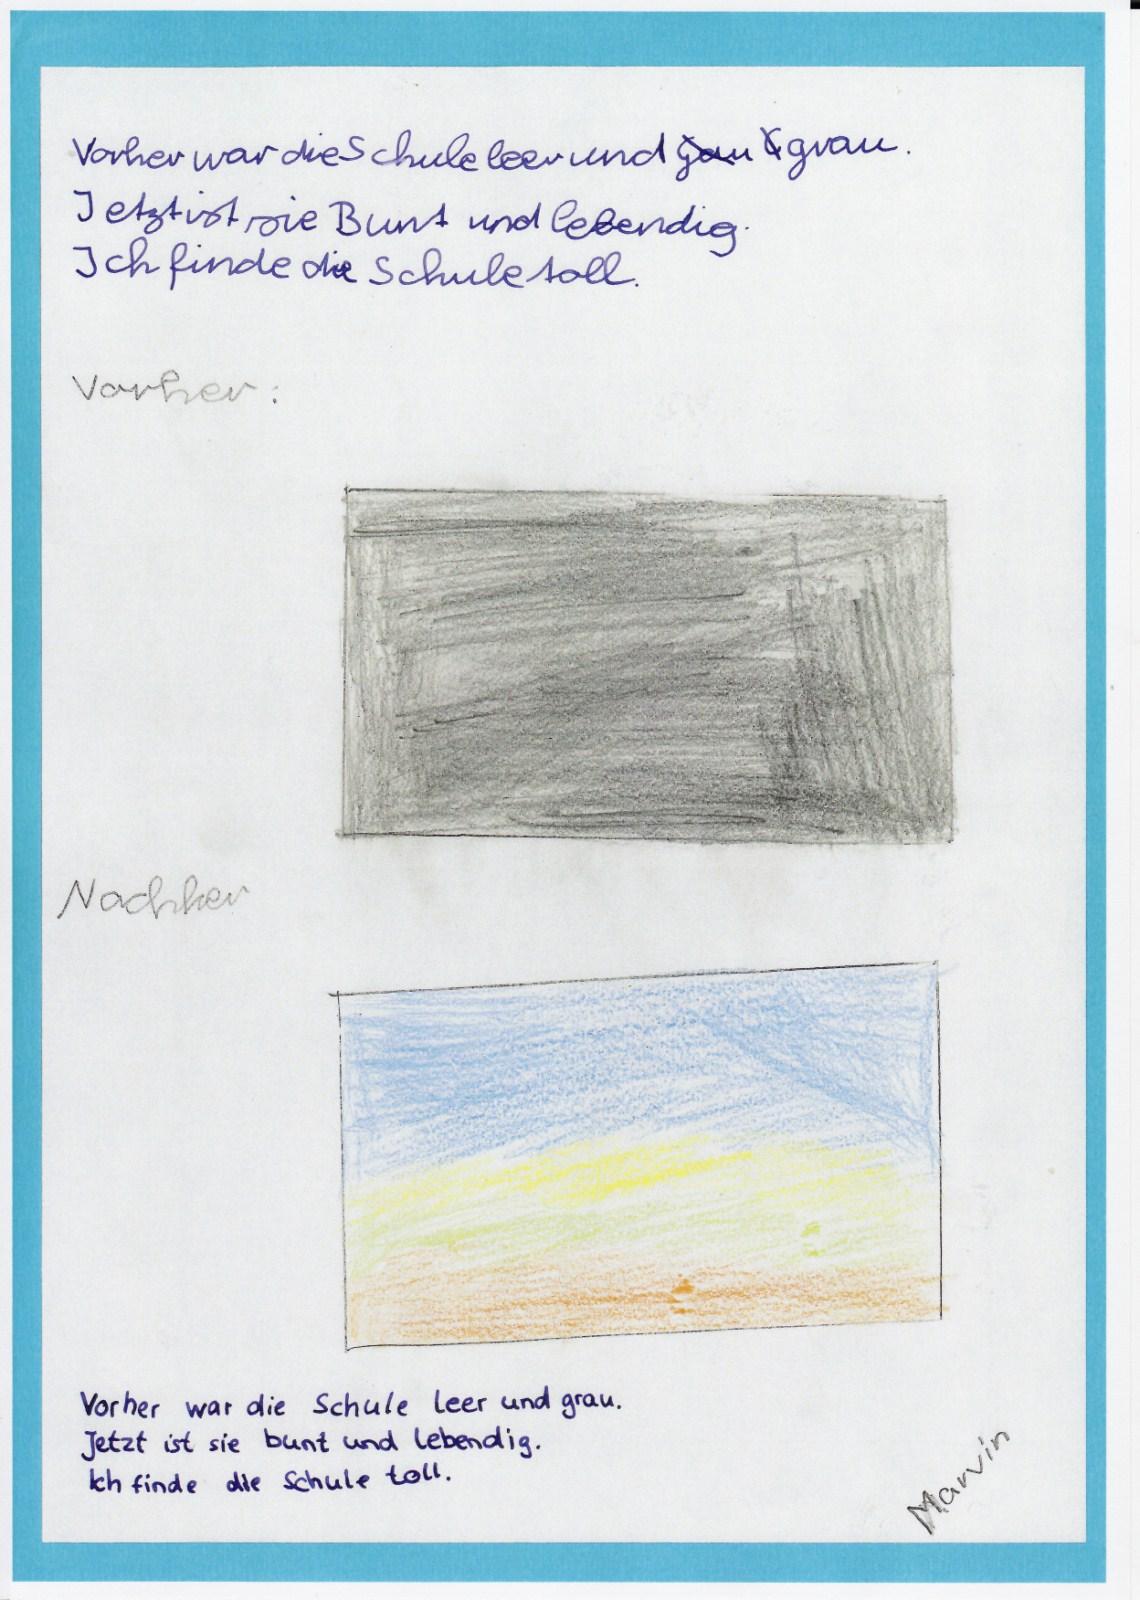 Kinderäußerungen zur Schulgestaltung, Bilder